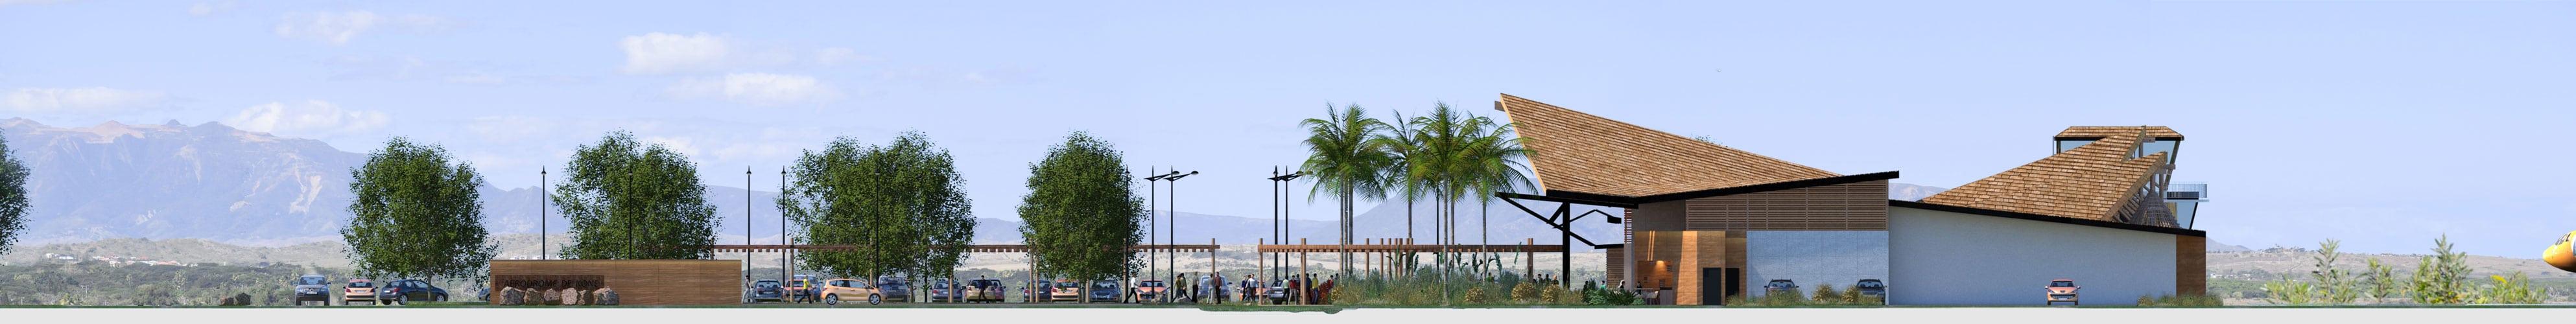 Illustration Concours Architecture Aérodrome de Koné, Façade Ouest